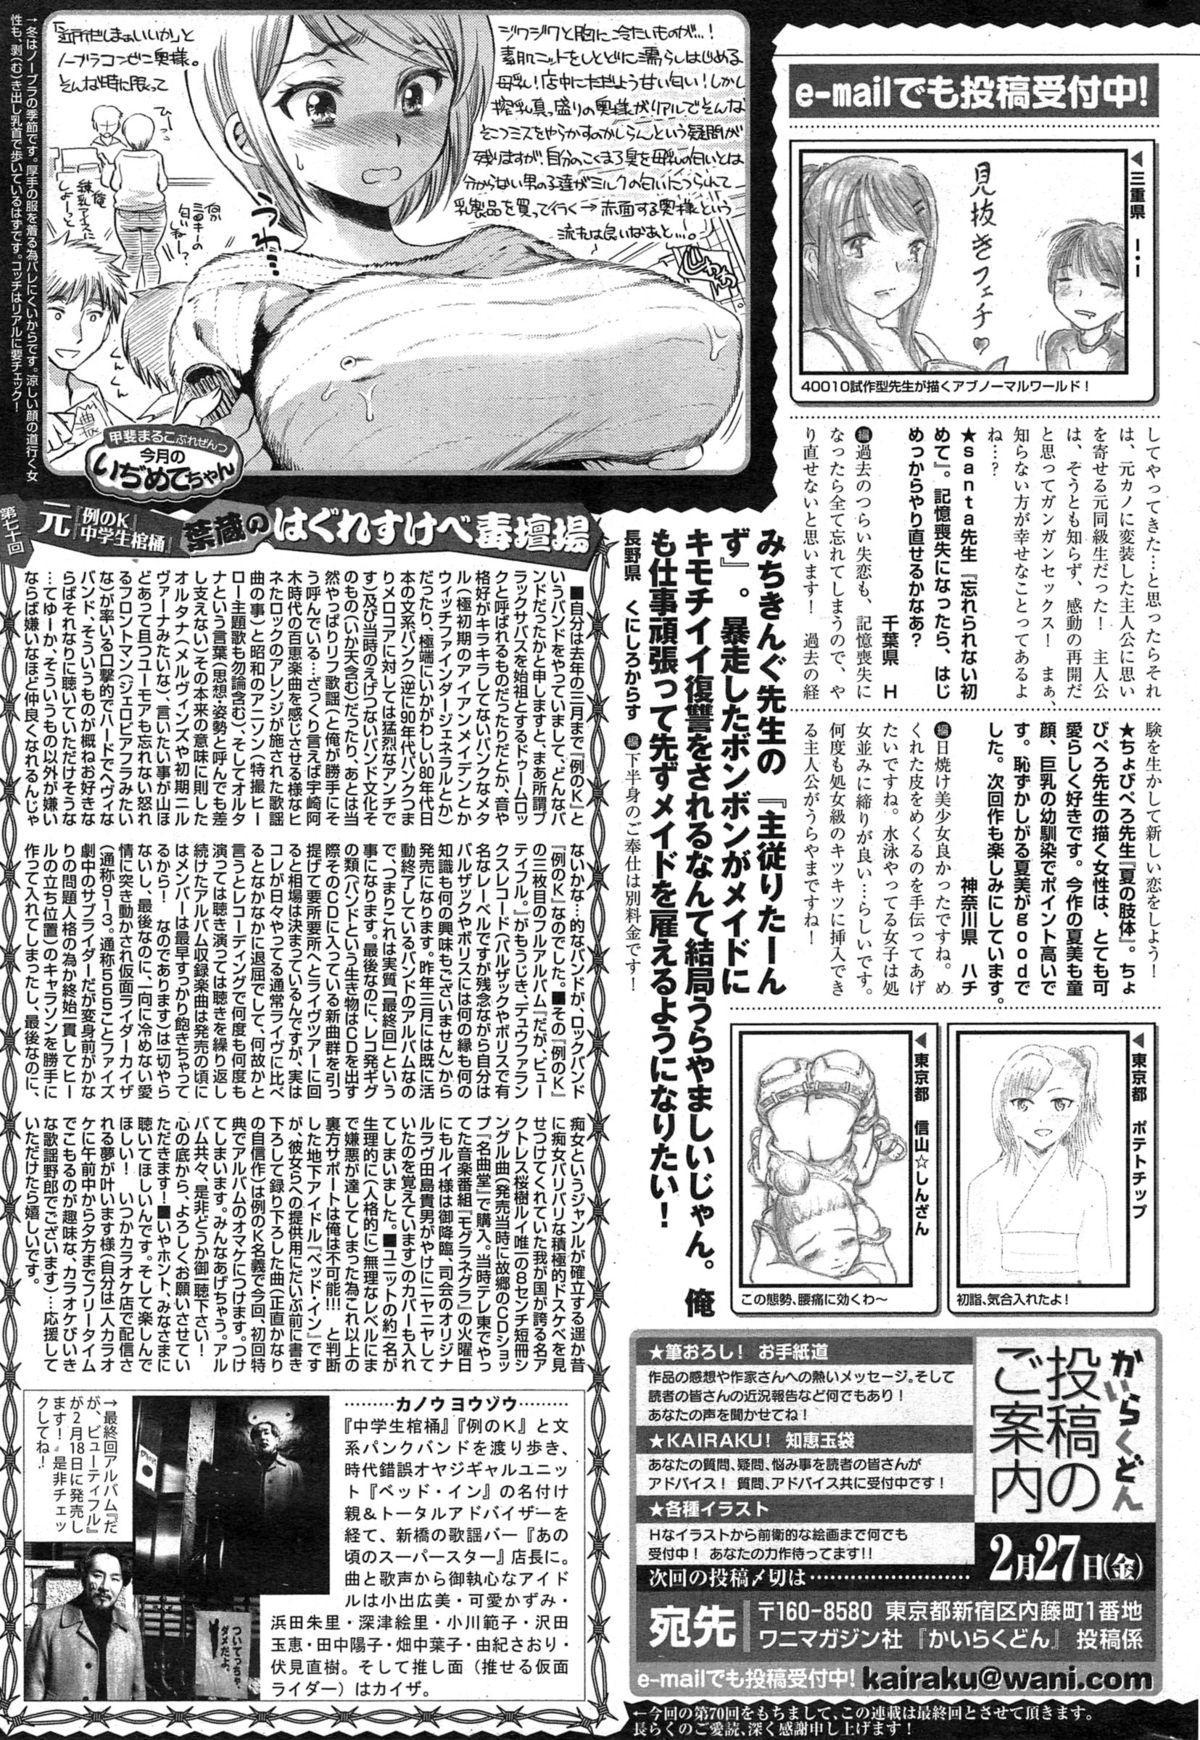 COMIC Kairakuten 2015-03 383